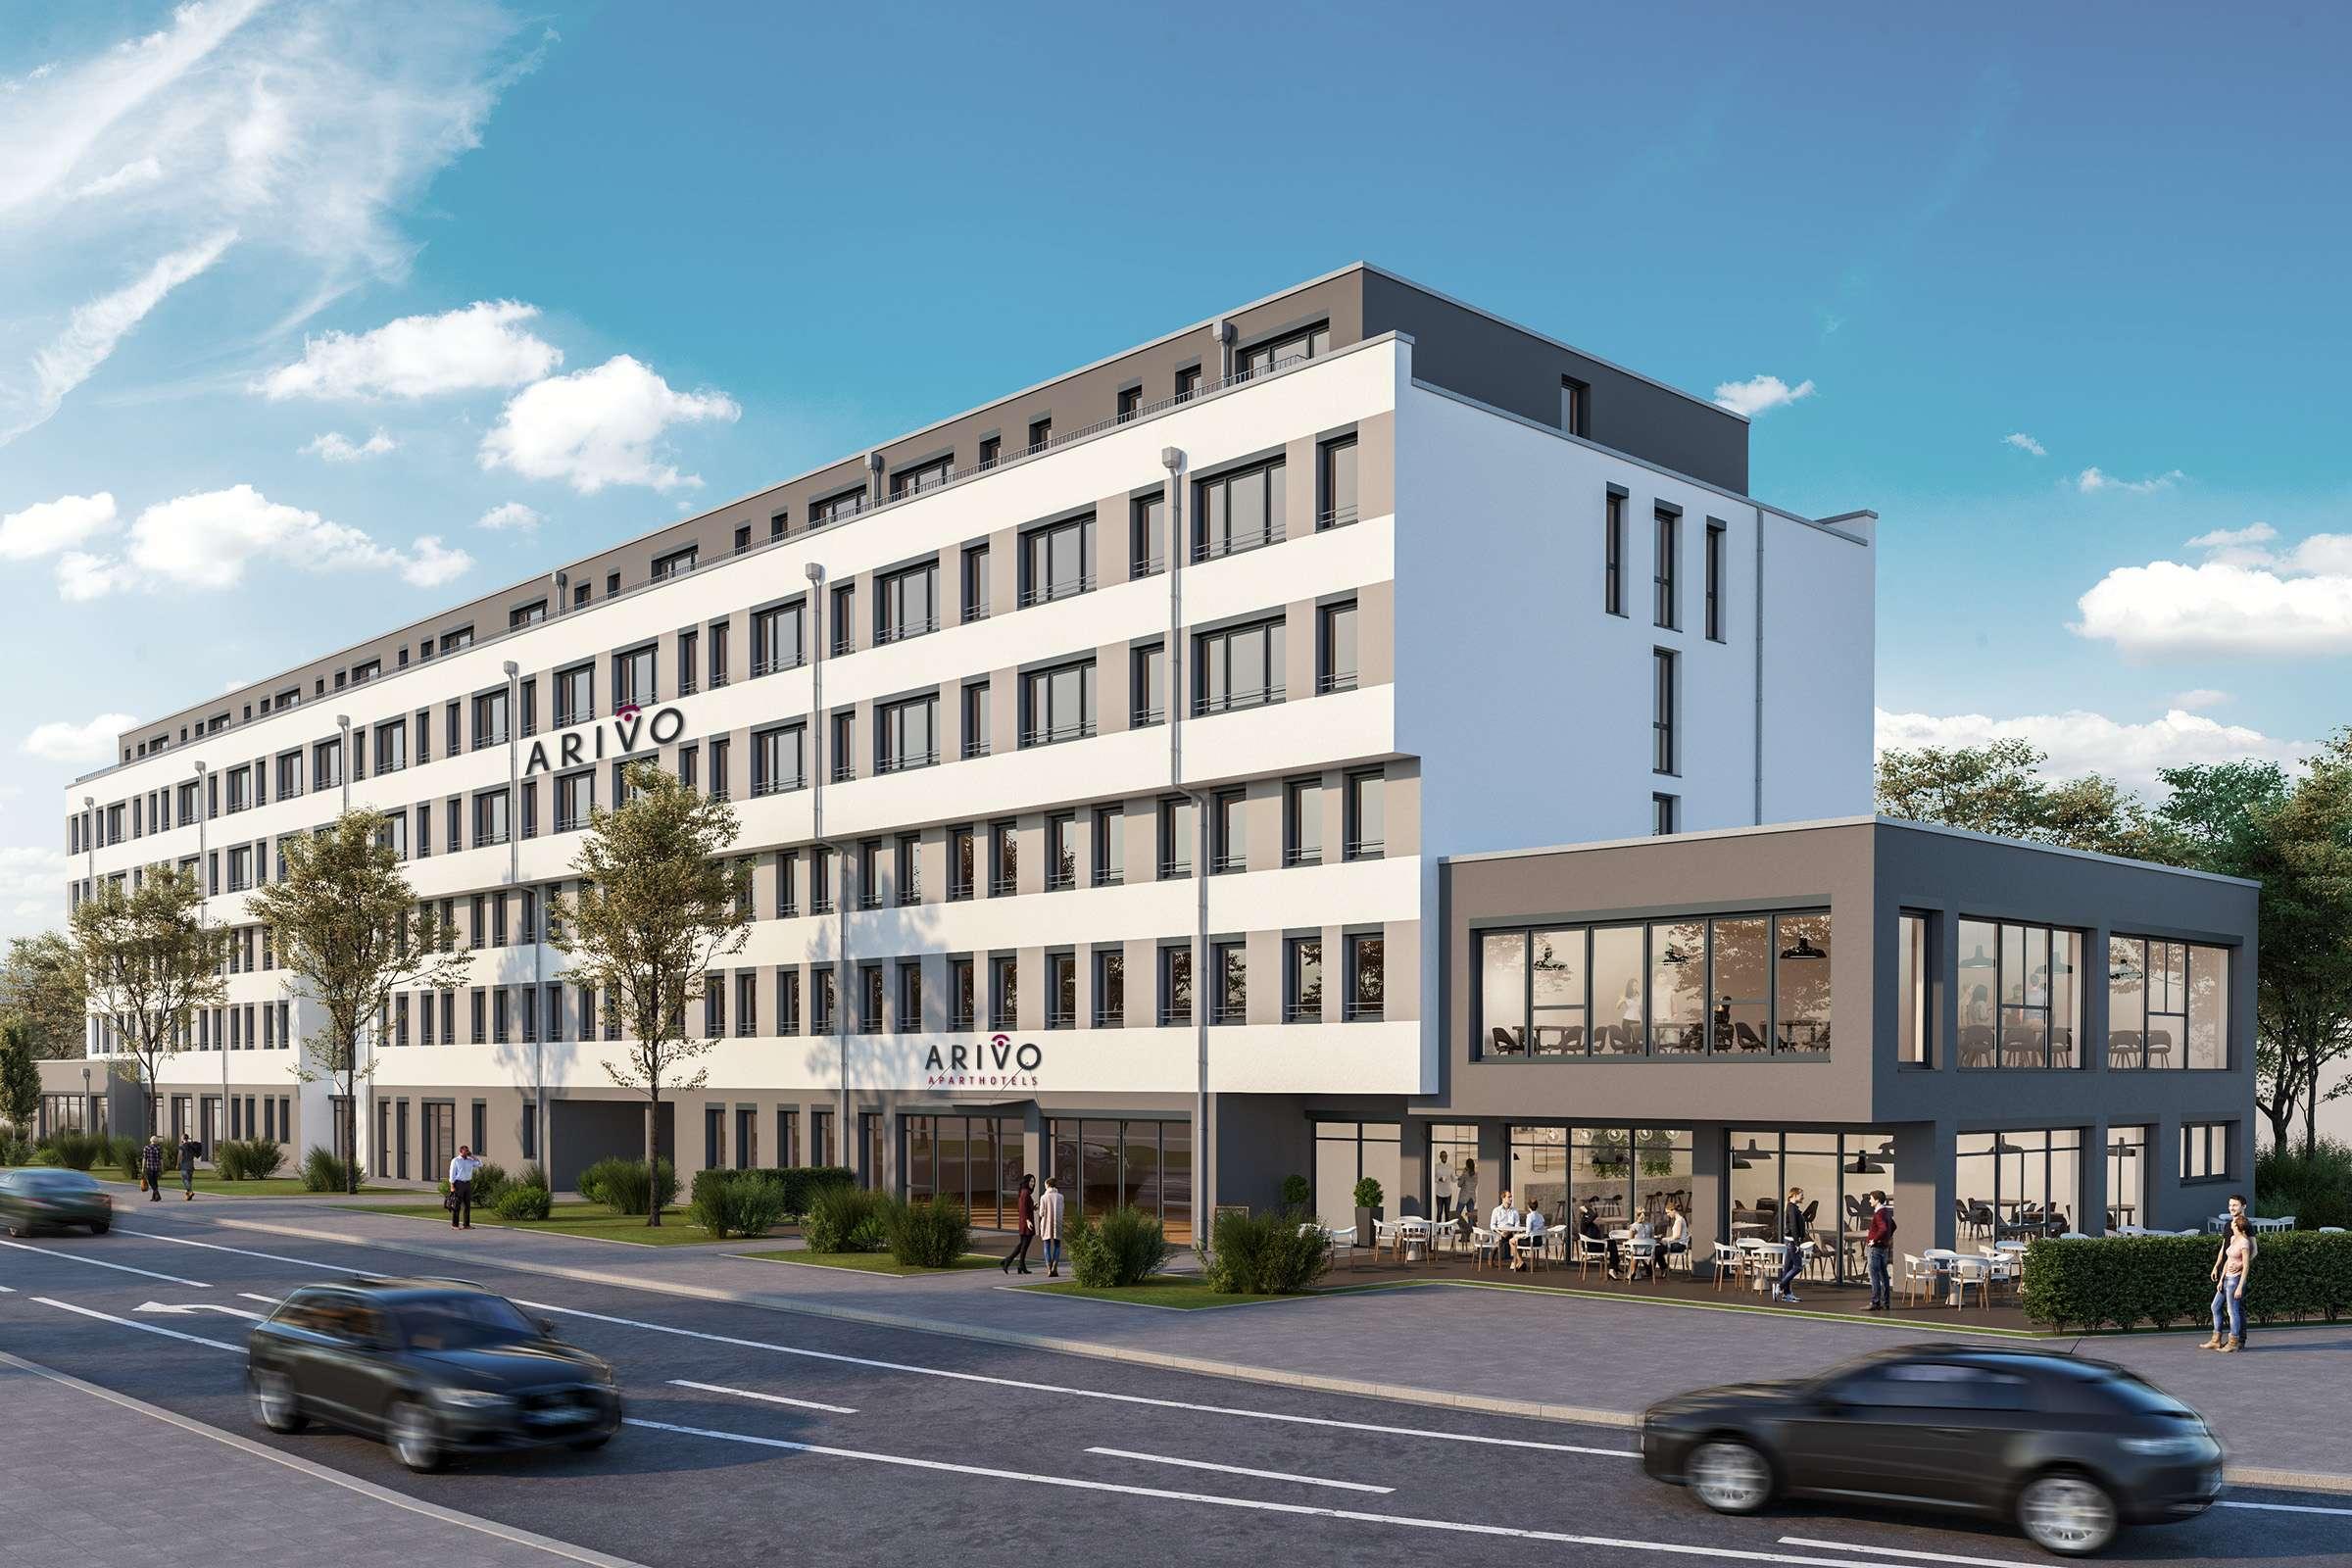 Neueröffnung 04/2019 ARIVO Aparthotel mit Serviced Apartments in Forchheim (Forchheim)